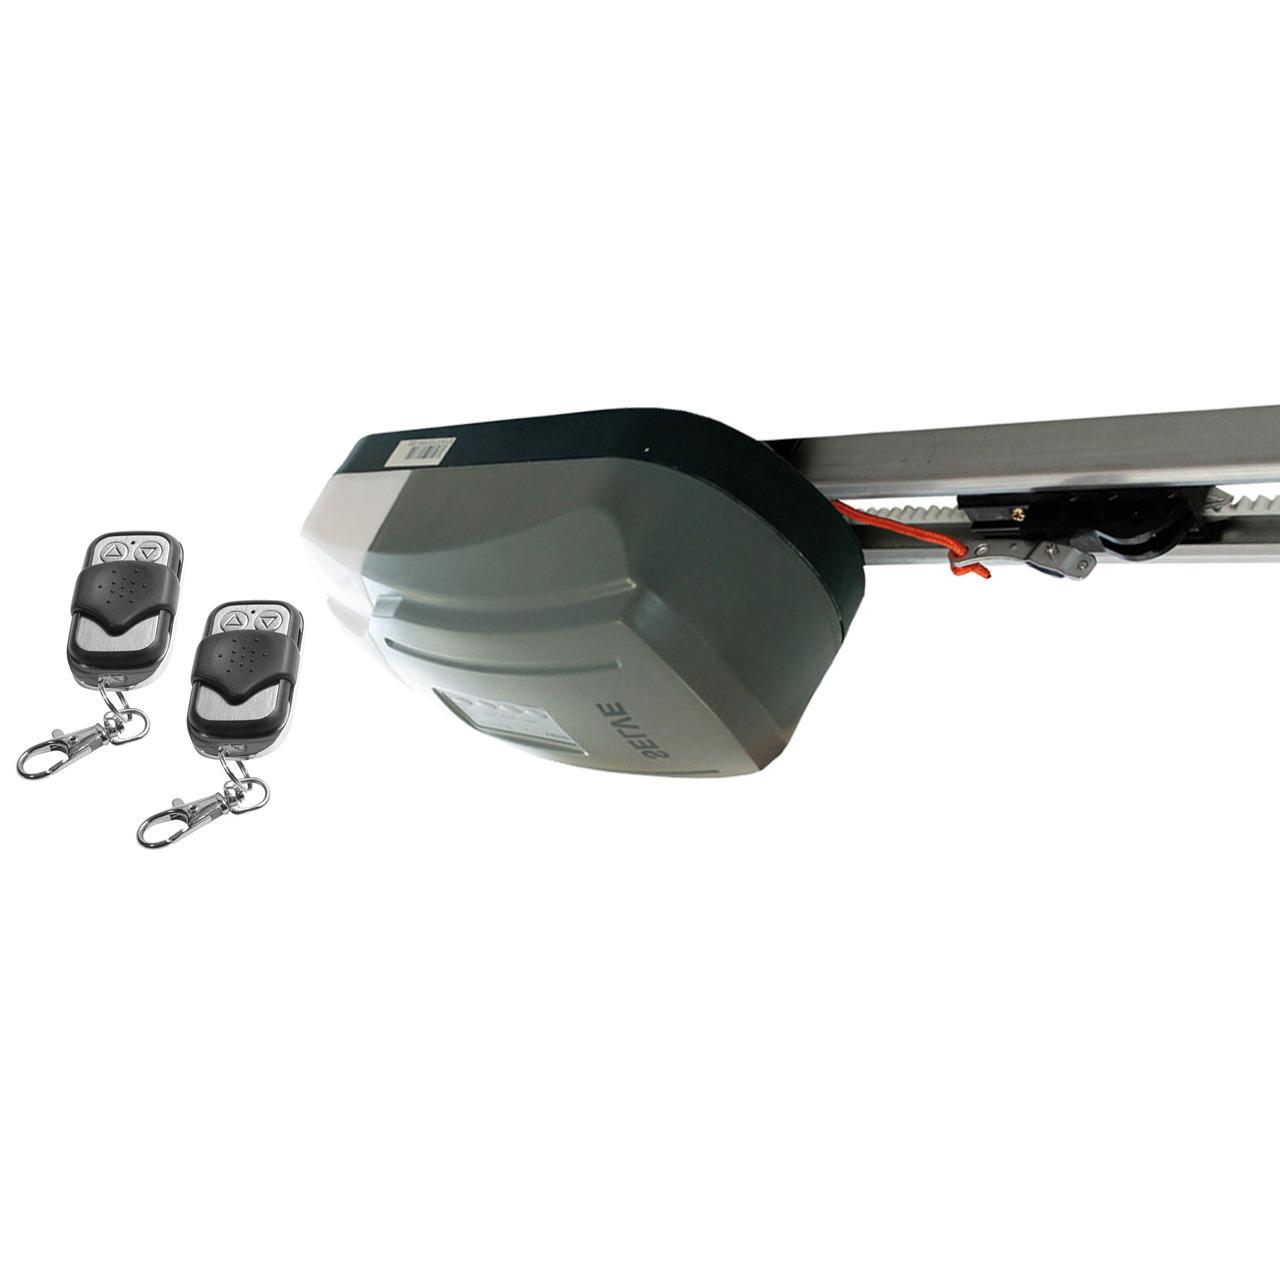 Feroso DoorLift Basic 60 Garagentorantrieb mit Zahnriemenantrieb- inkl- 2 Funk-Handsender